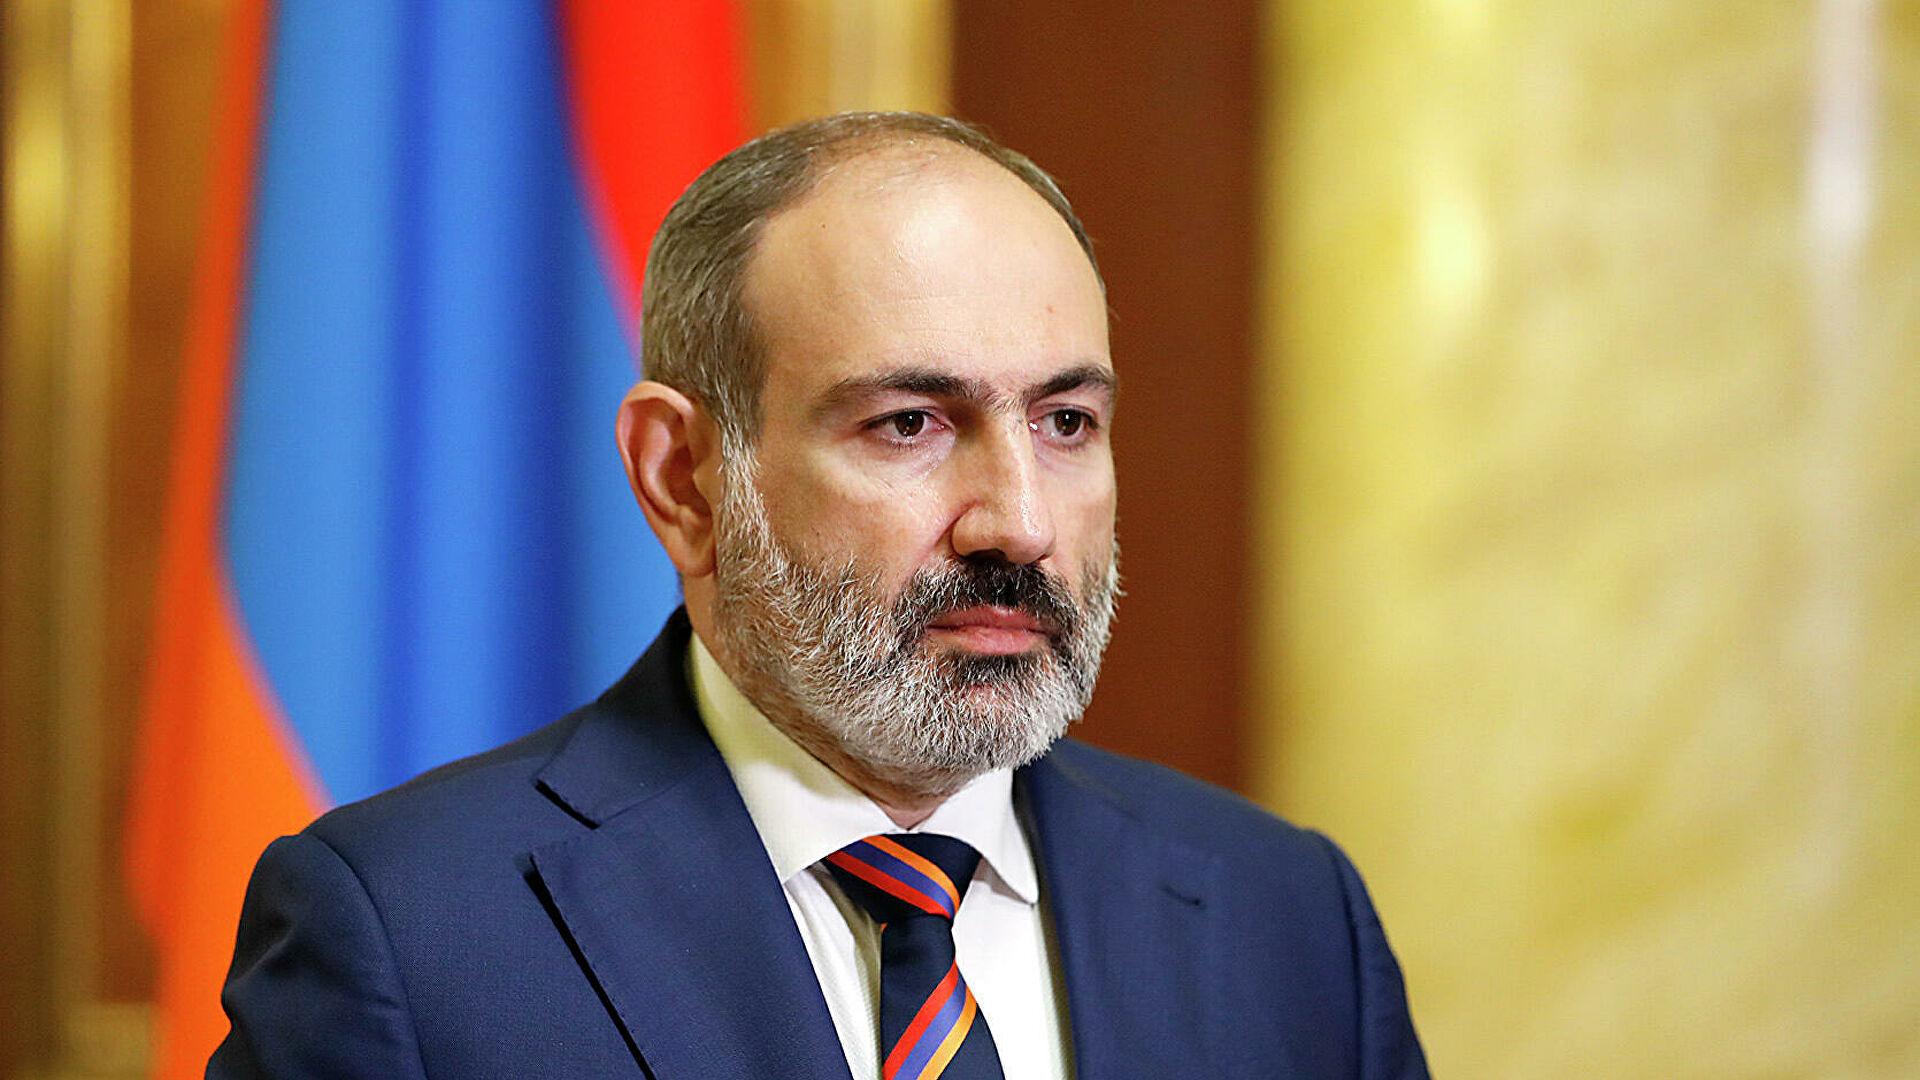 Пашинян обвинил Азербайджан в провокациях против России